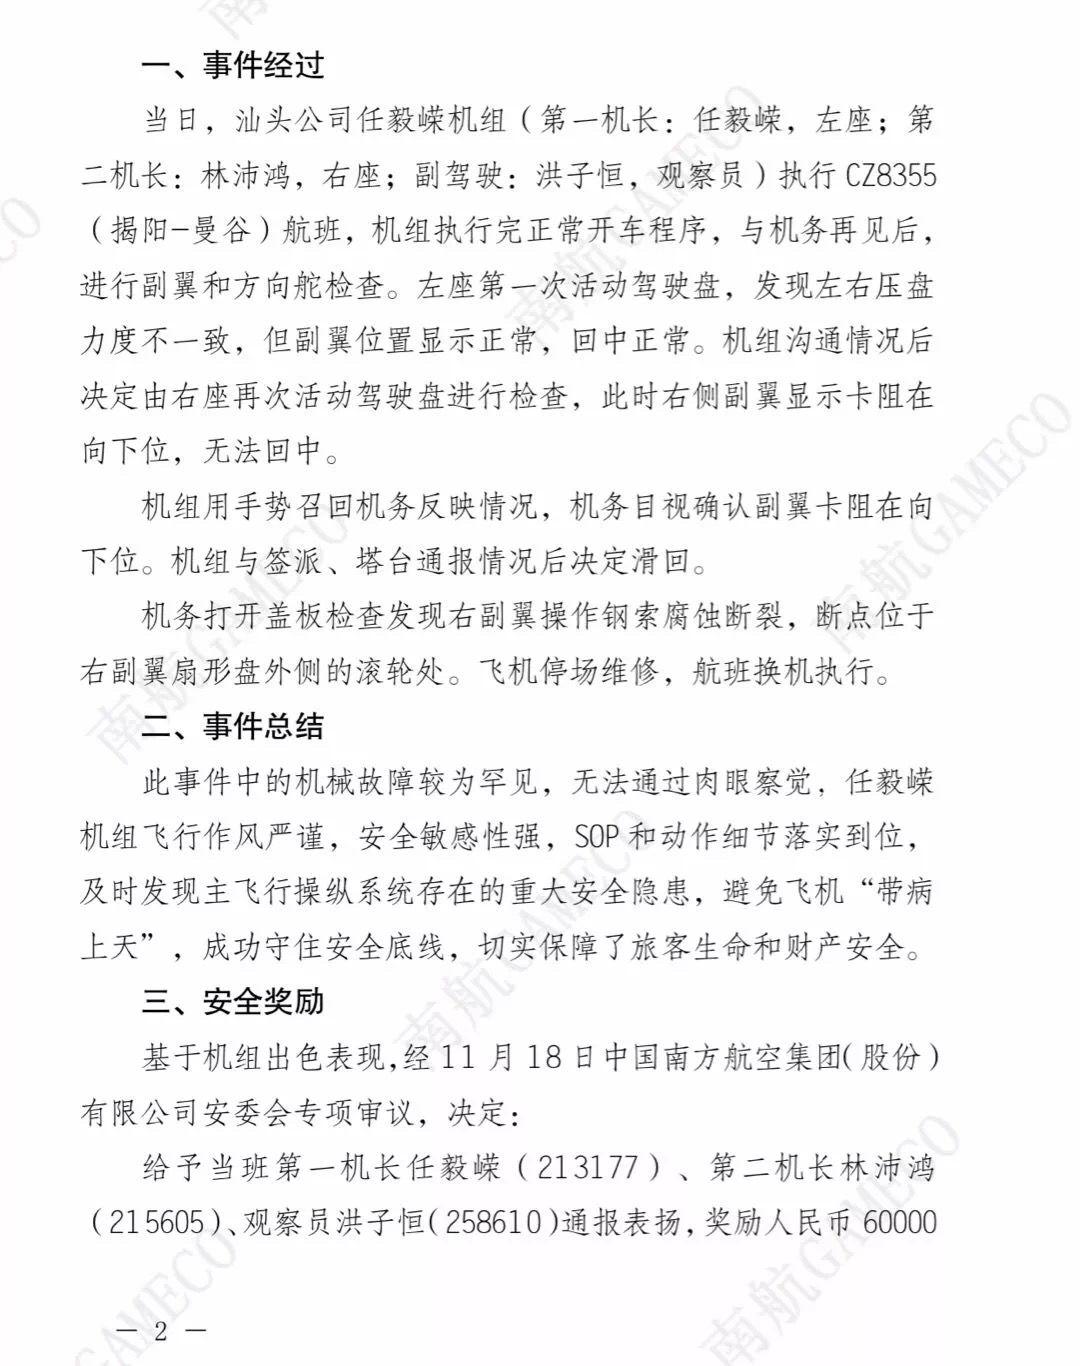 必富娱乐网站,外资入局中国白酒企业喜忧参半 LVMN集团败走文君酒